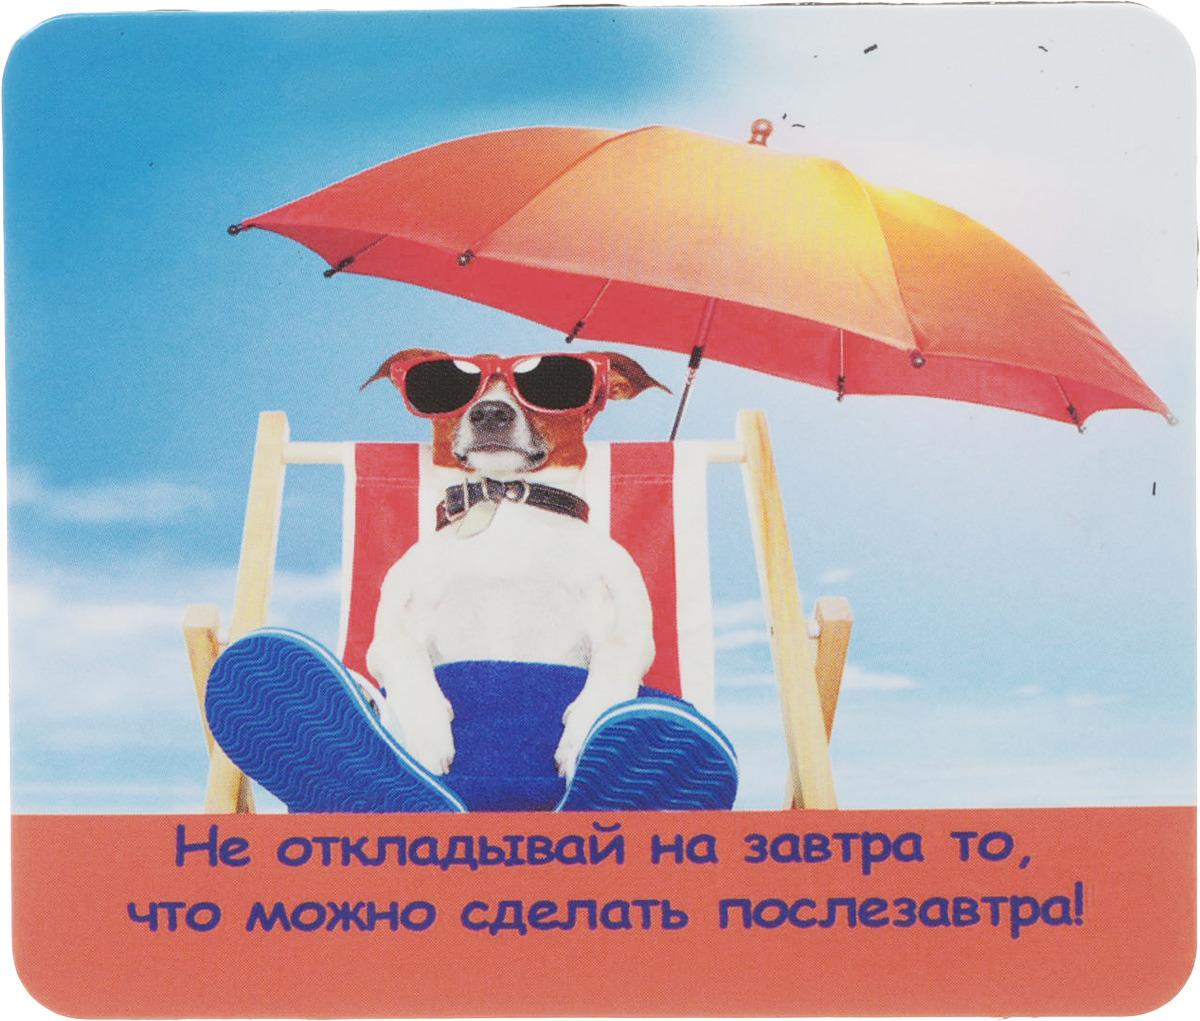 Магнит сувенирный Miland Не откладывай на завтра, Т-3273, мультиколор не откладывай жизнь на завтра мысли на пороге